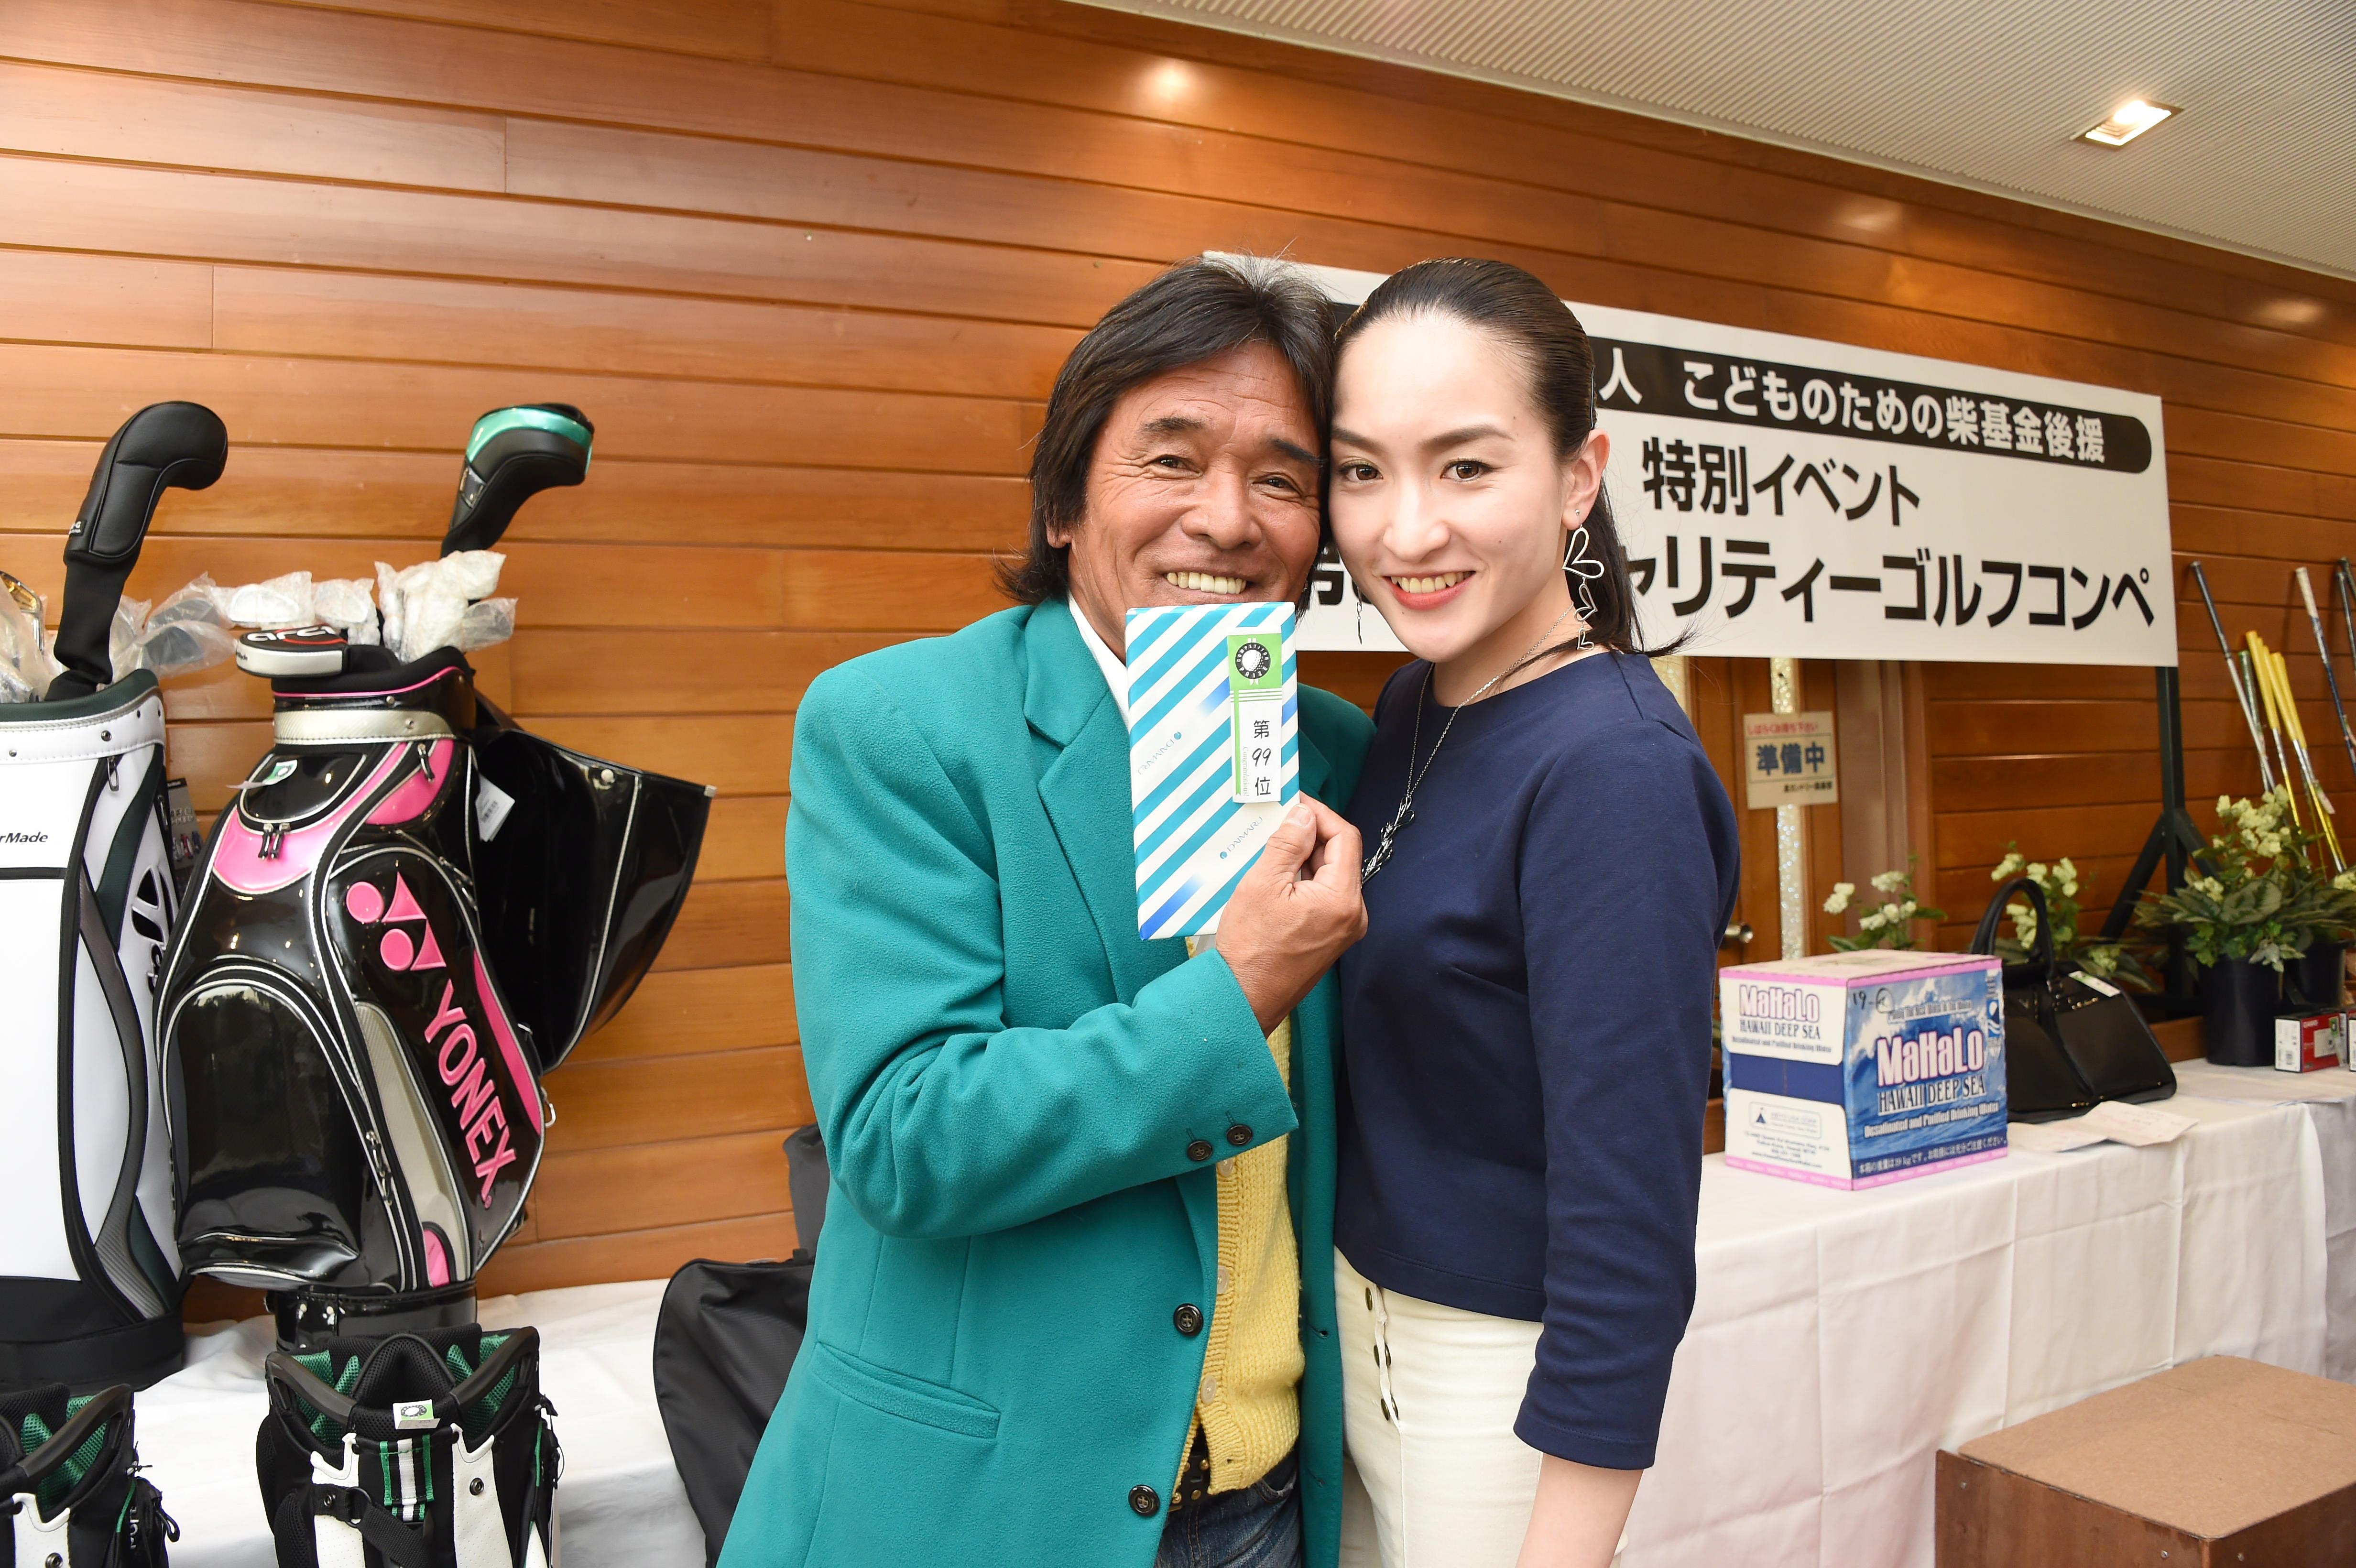 第8回チャリティーゴルフコンペ at 泉カントリー倶